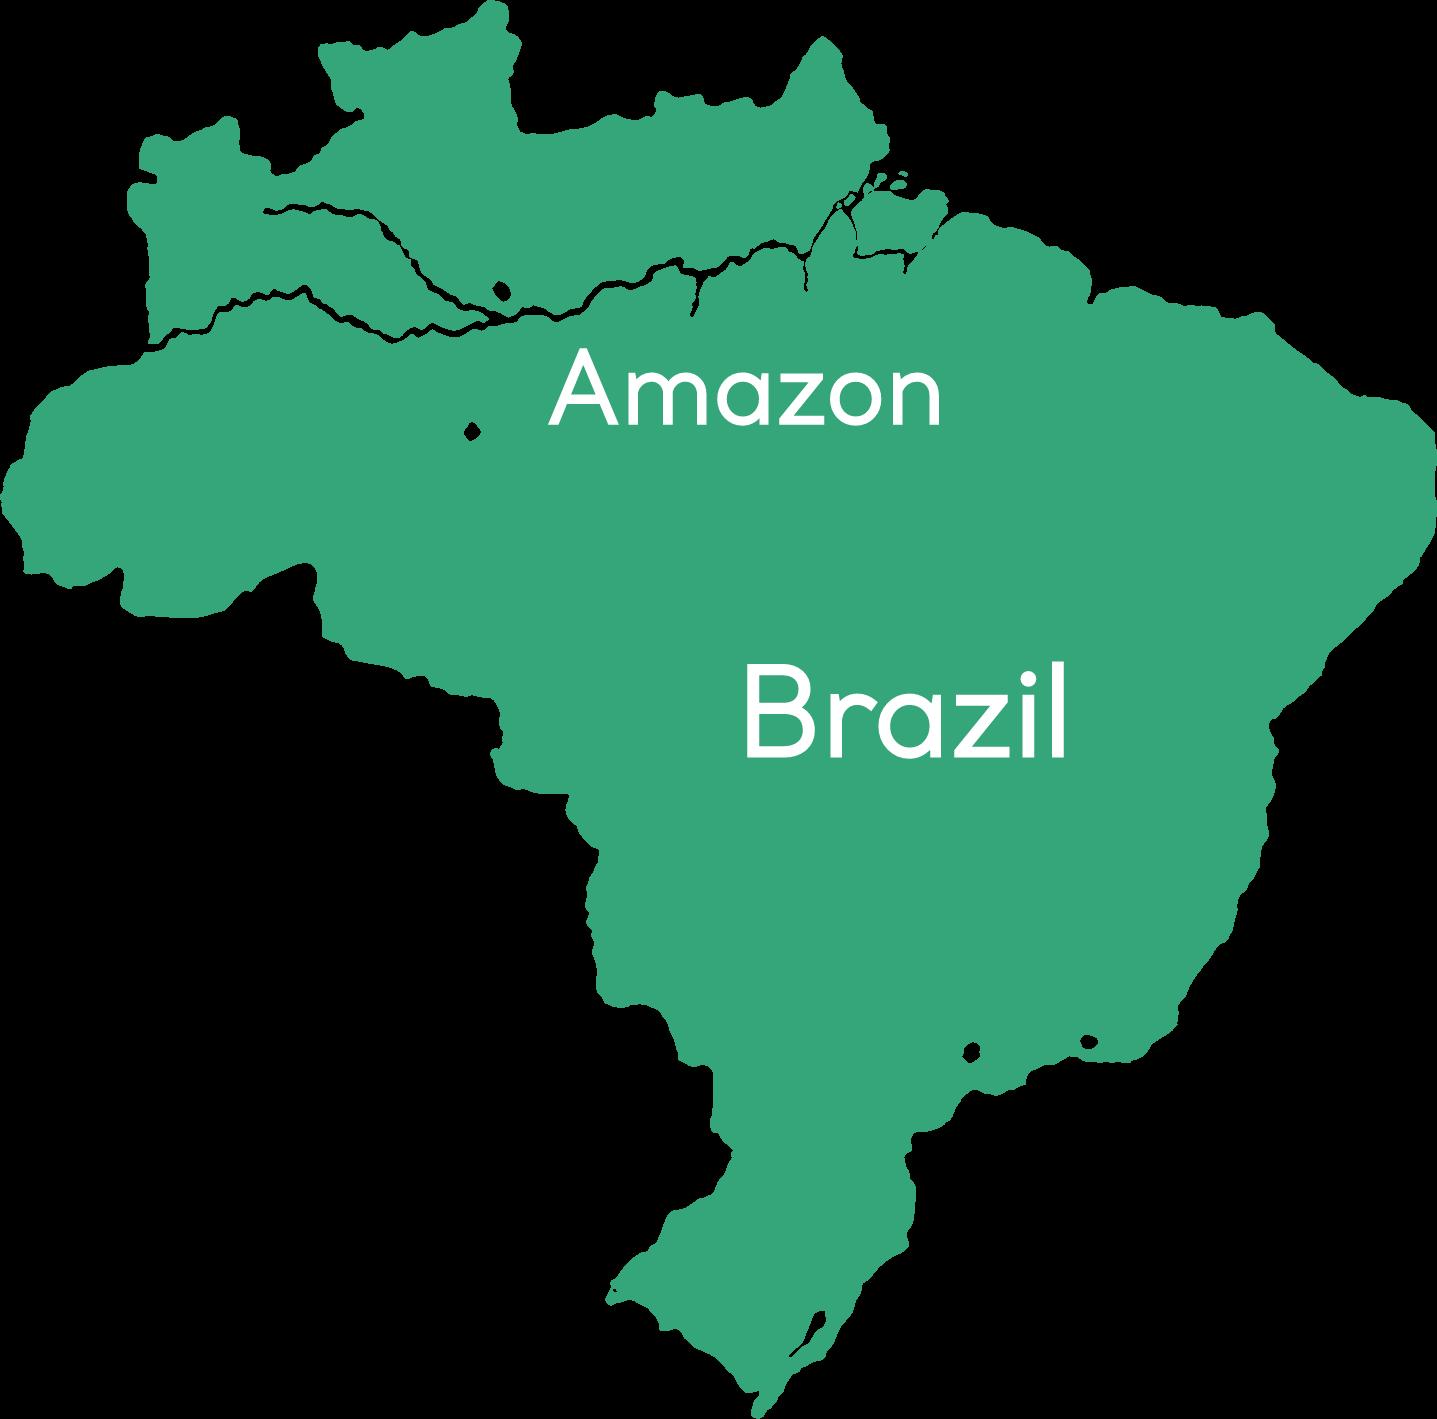 アマゾンの位置を示したブラジルのマップ